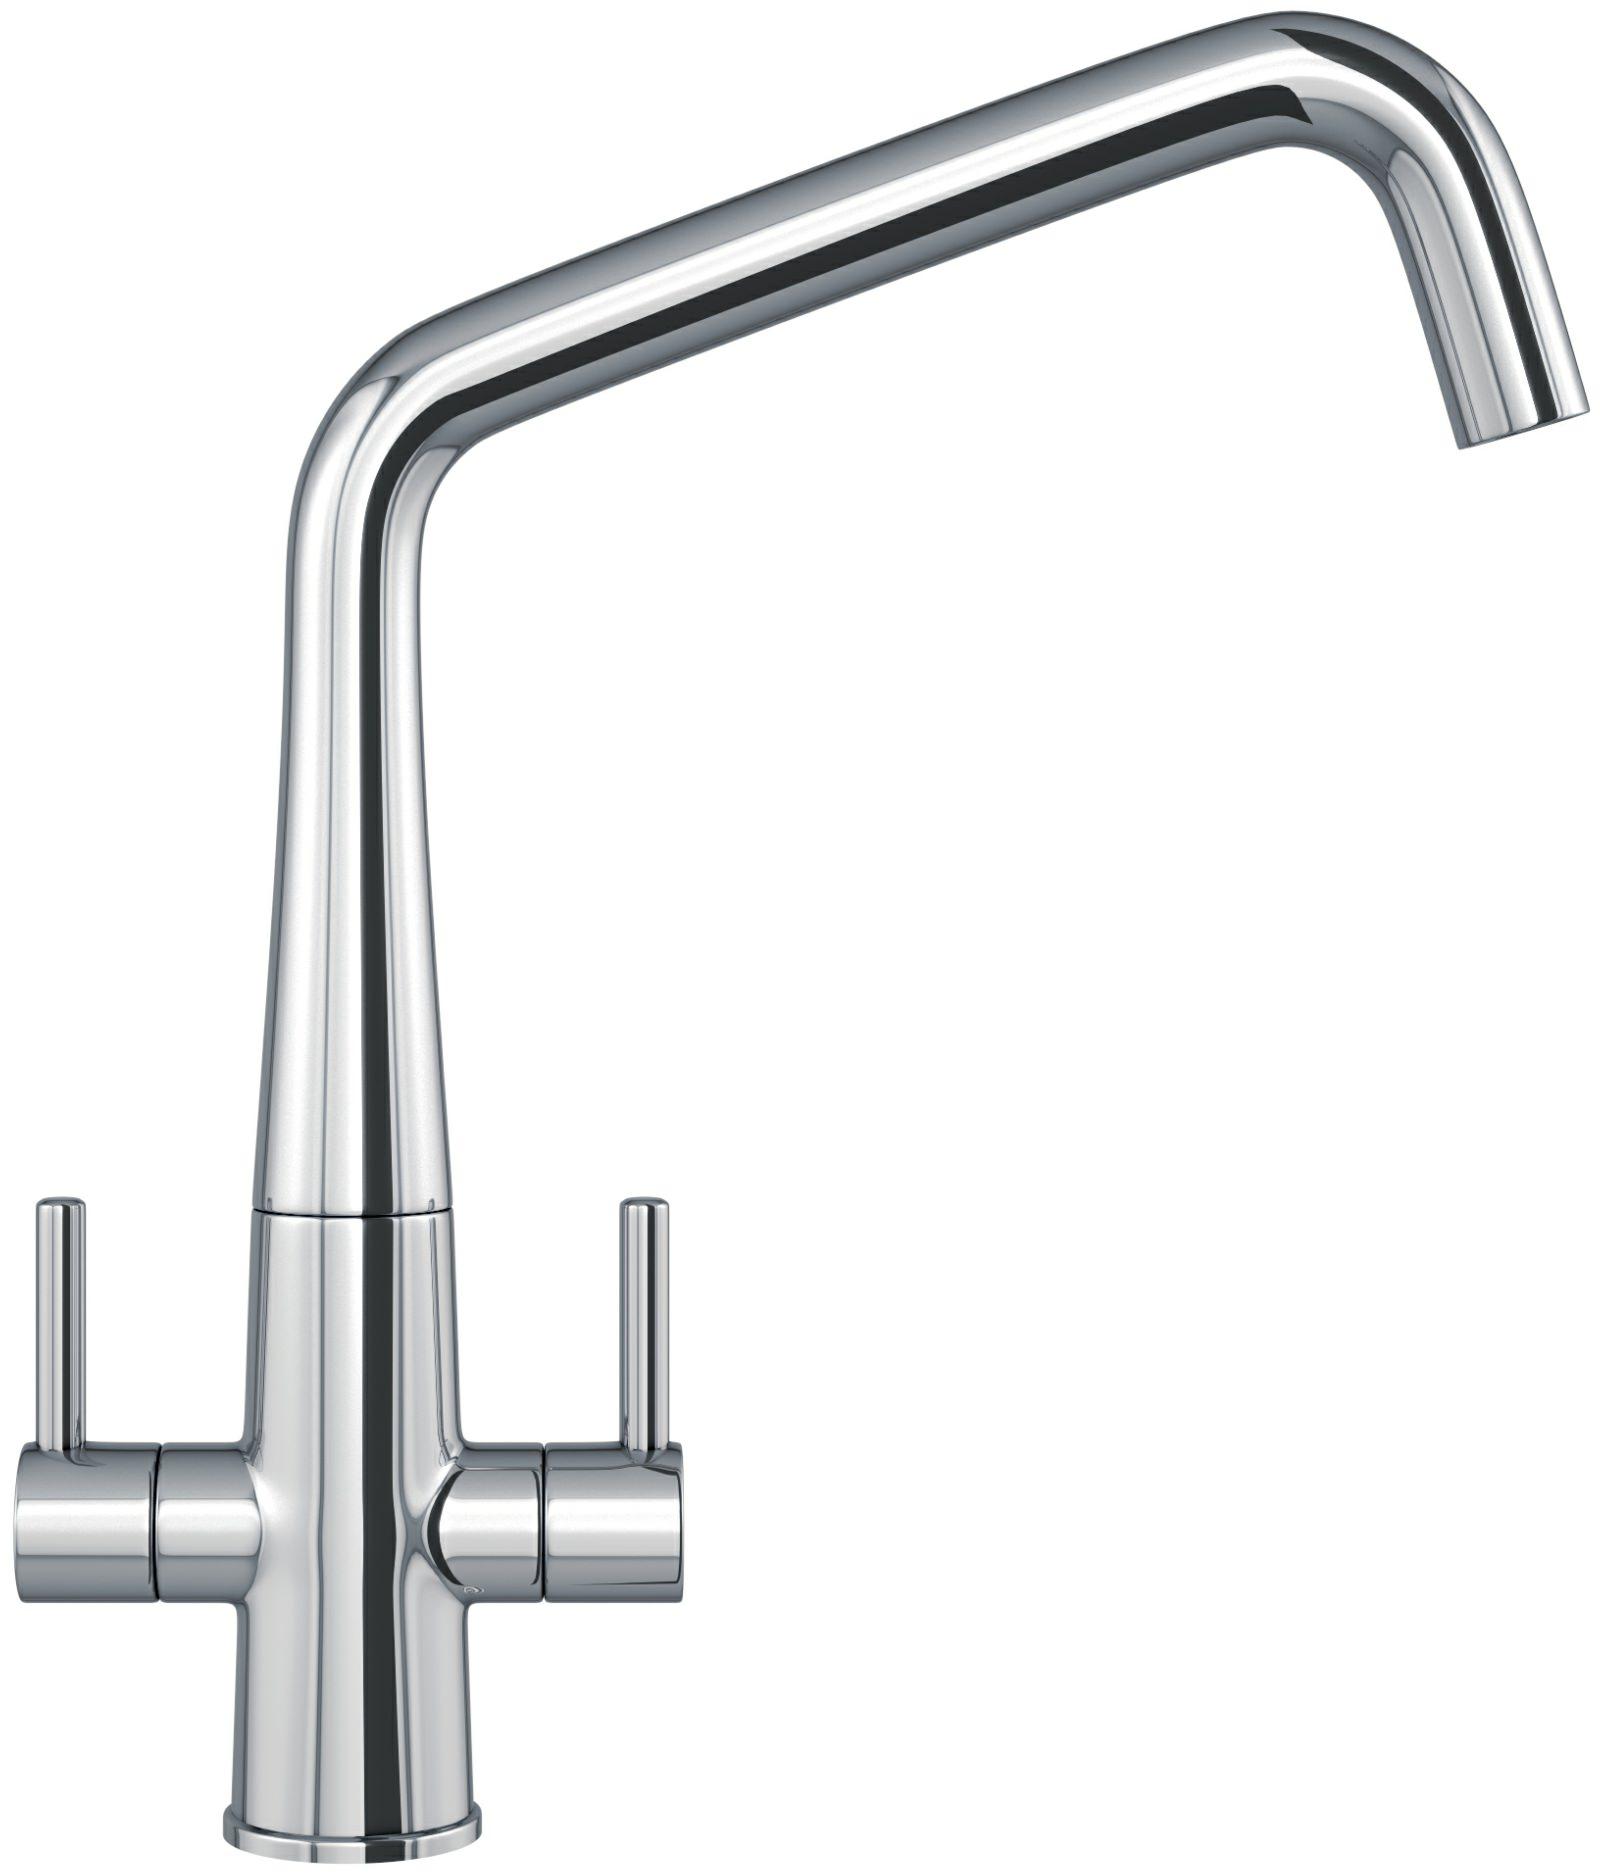 franke cristallo chrome kitchen sink mixer tap 115 0433 941